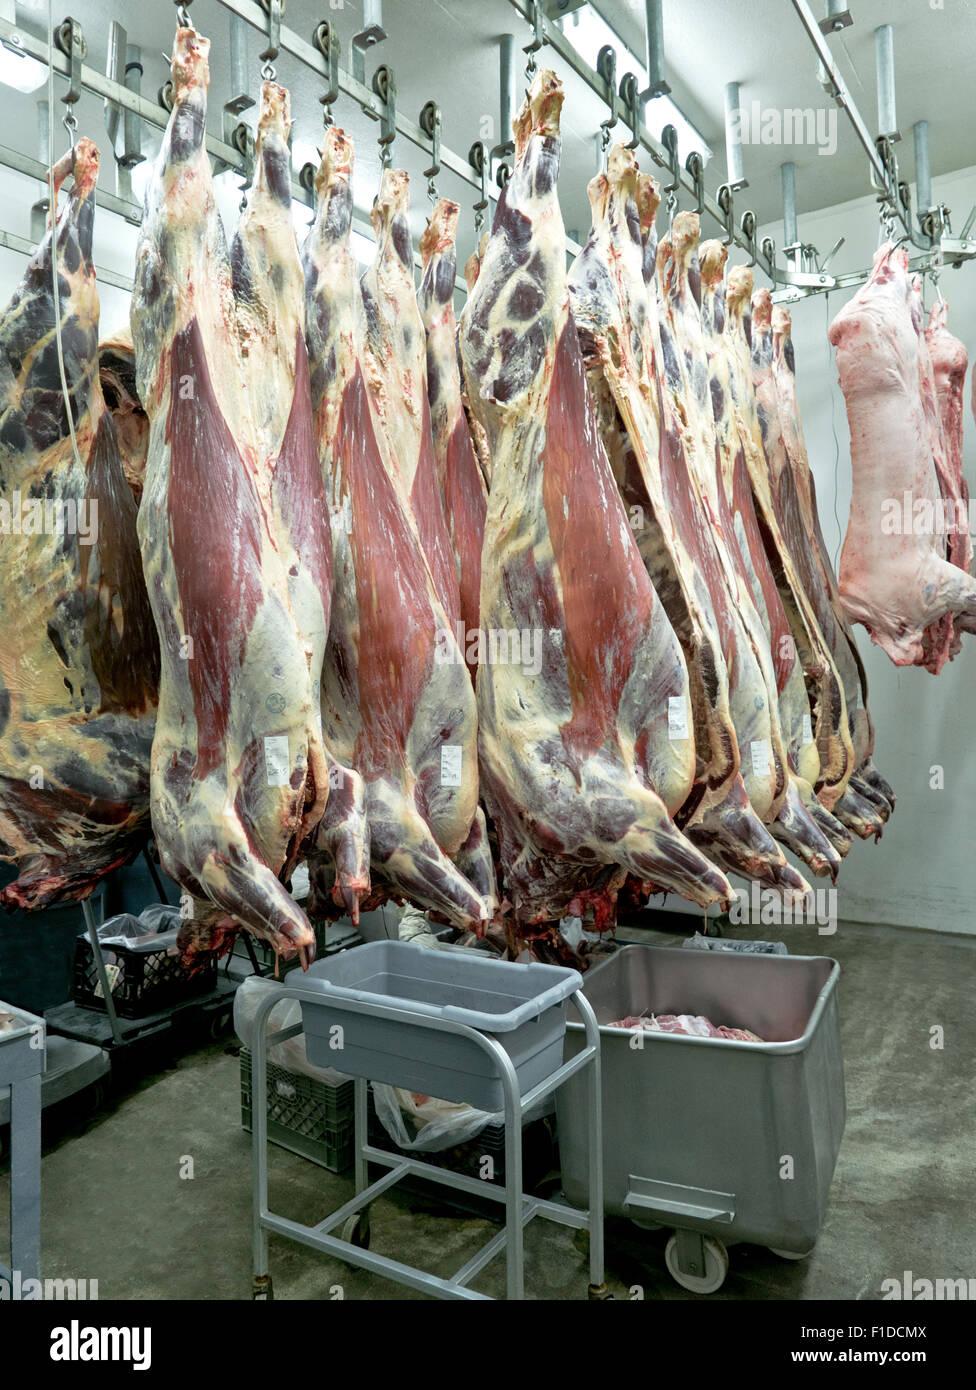 Invecchiamento della carne di manzo e di maiale appese delle carcasse nel refrigeratore. Immagini Stock